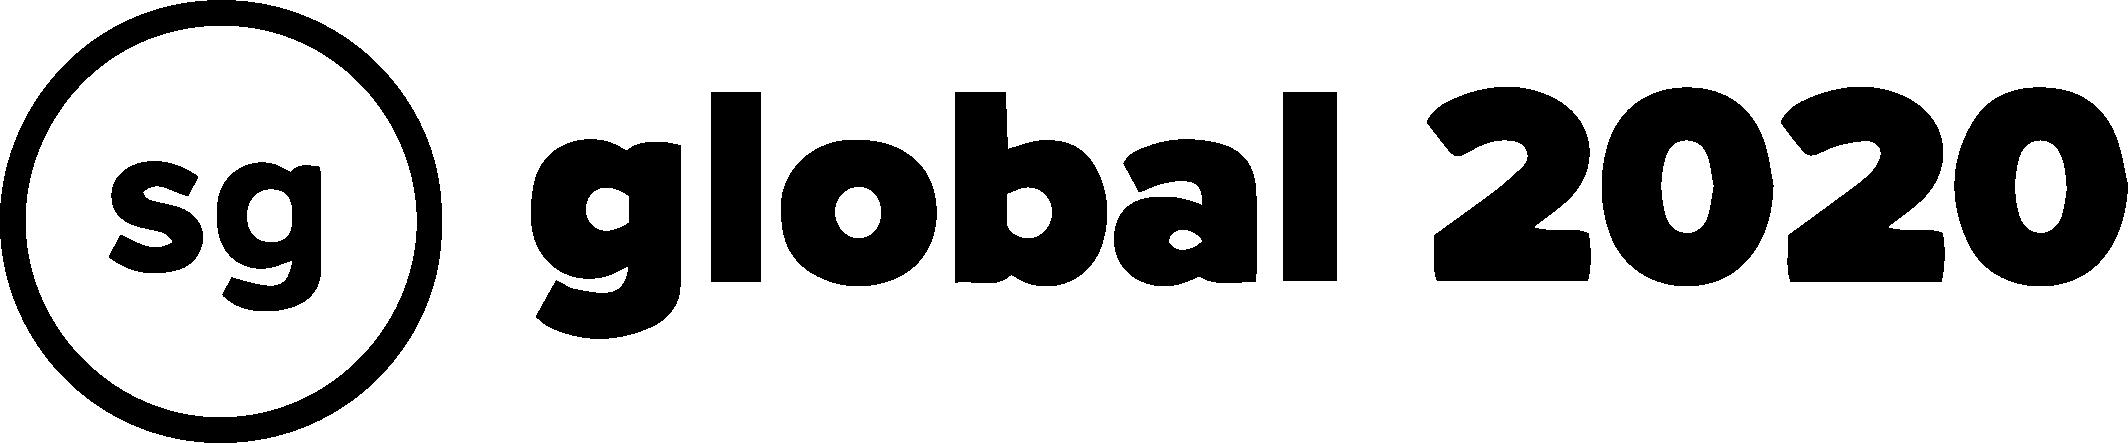 The Reddit mascot, Snoo